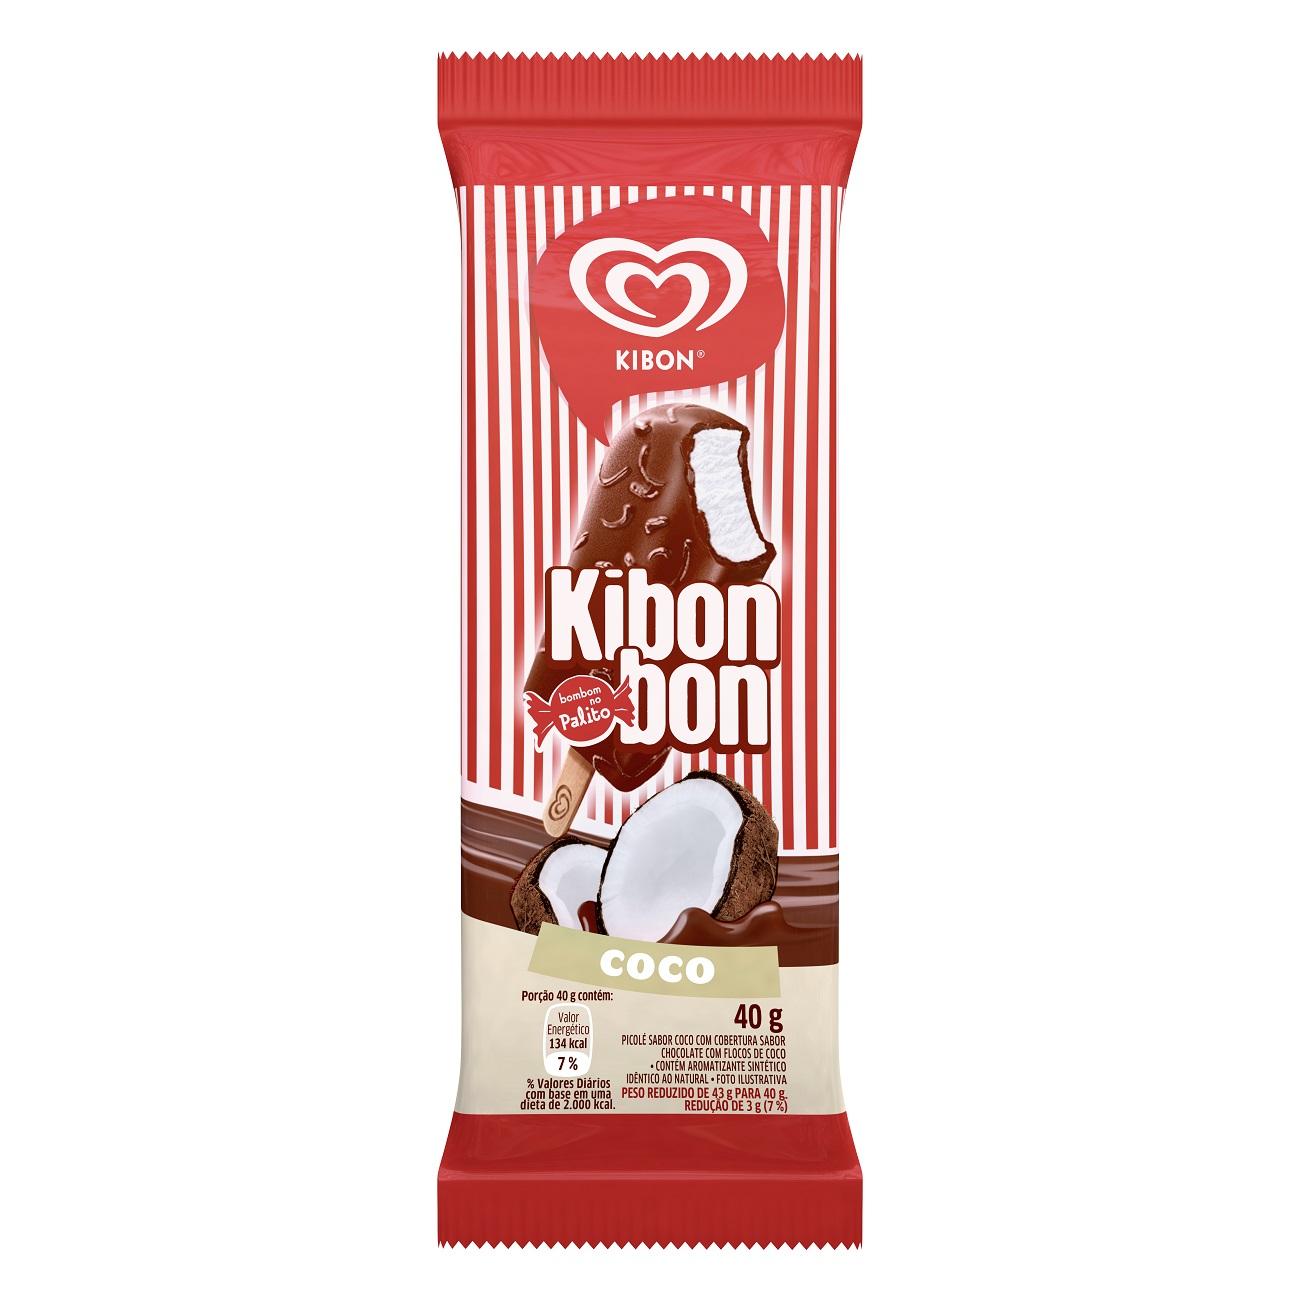 Sorvete Kibon Palito Kibonbon Coco 71ML | Caixa com 24